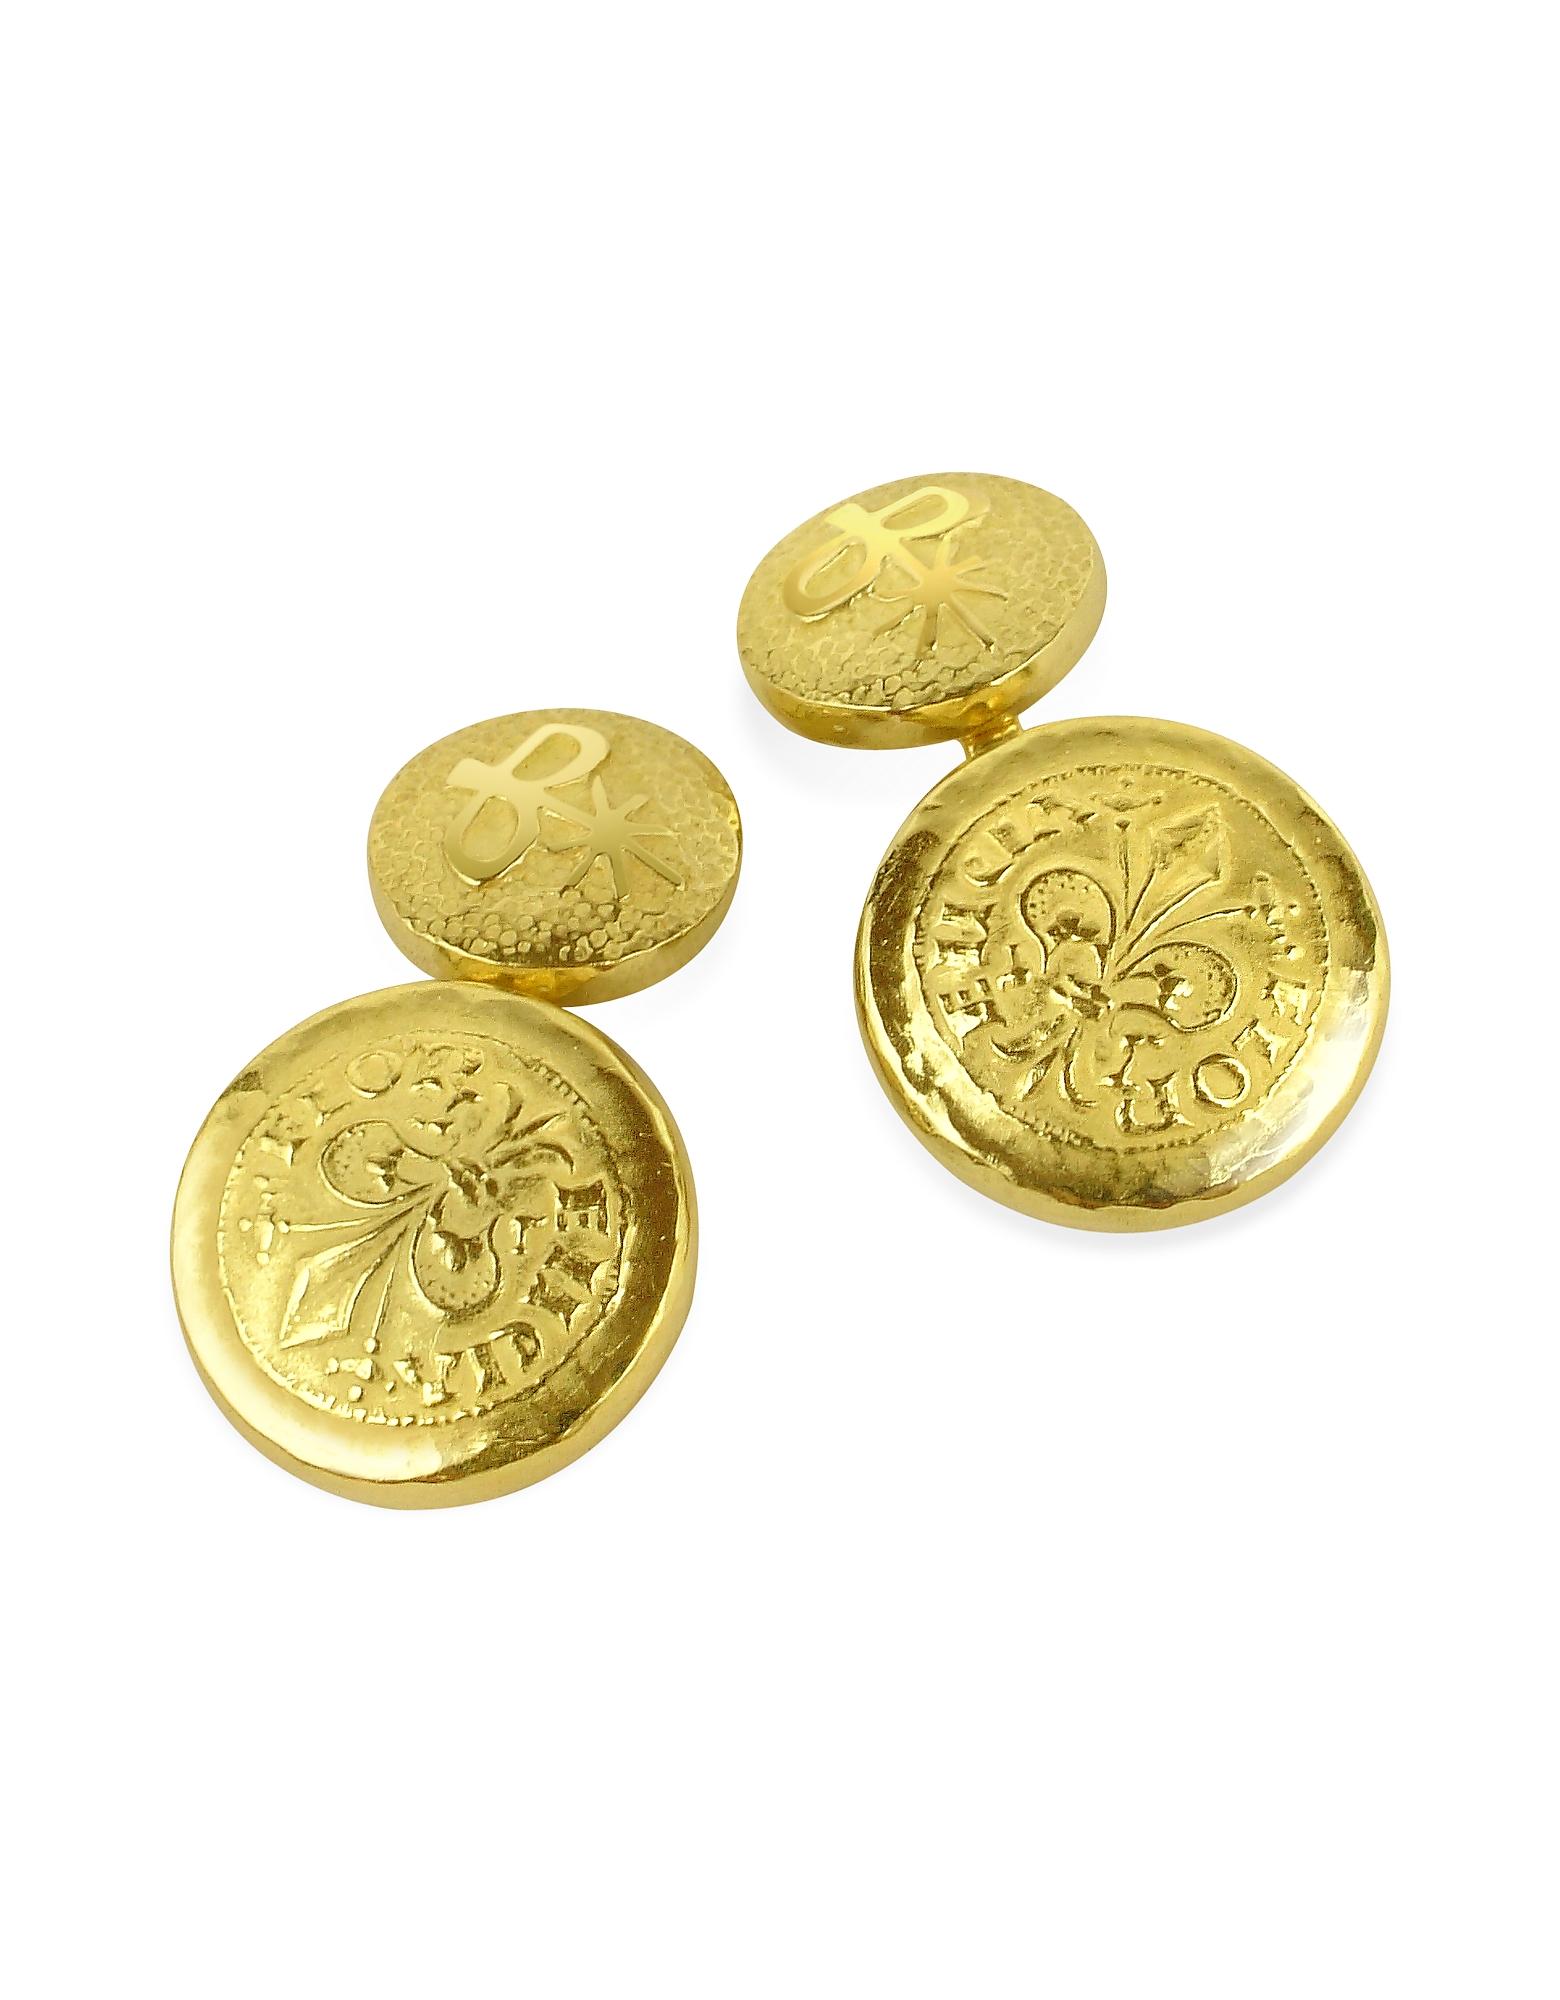 Fiorino - Запонки из Желтого Золота 18 карат с Флорентийским Узором Fleur-de-Lis